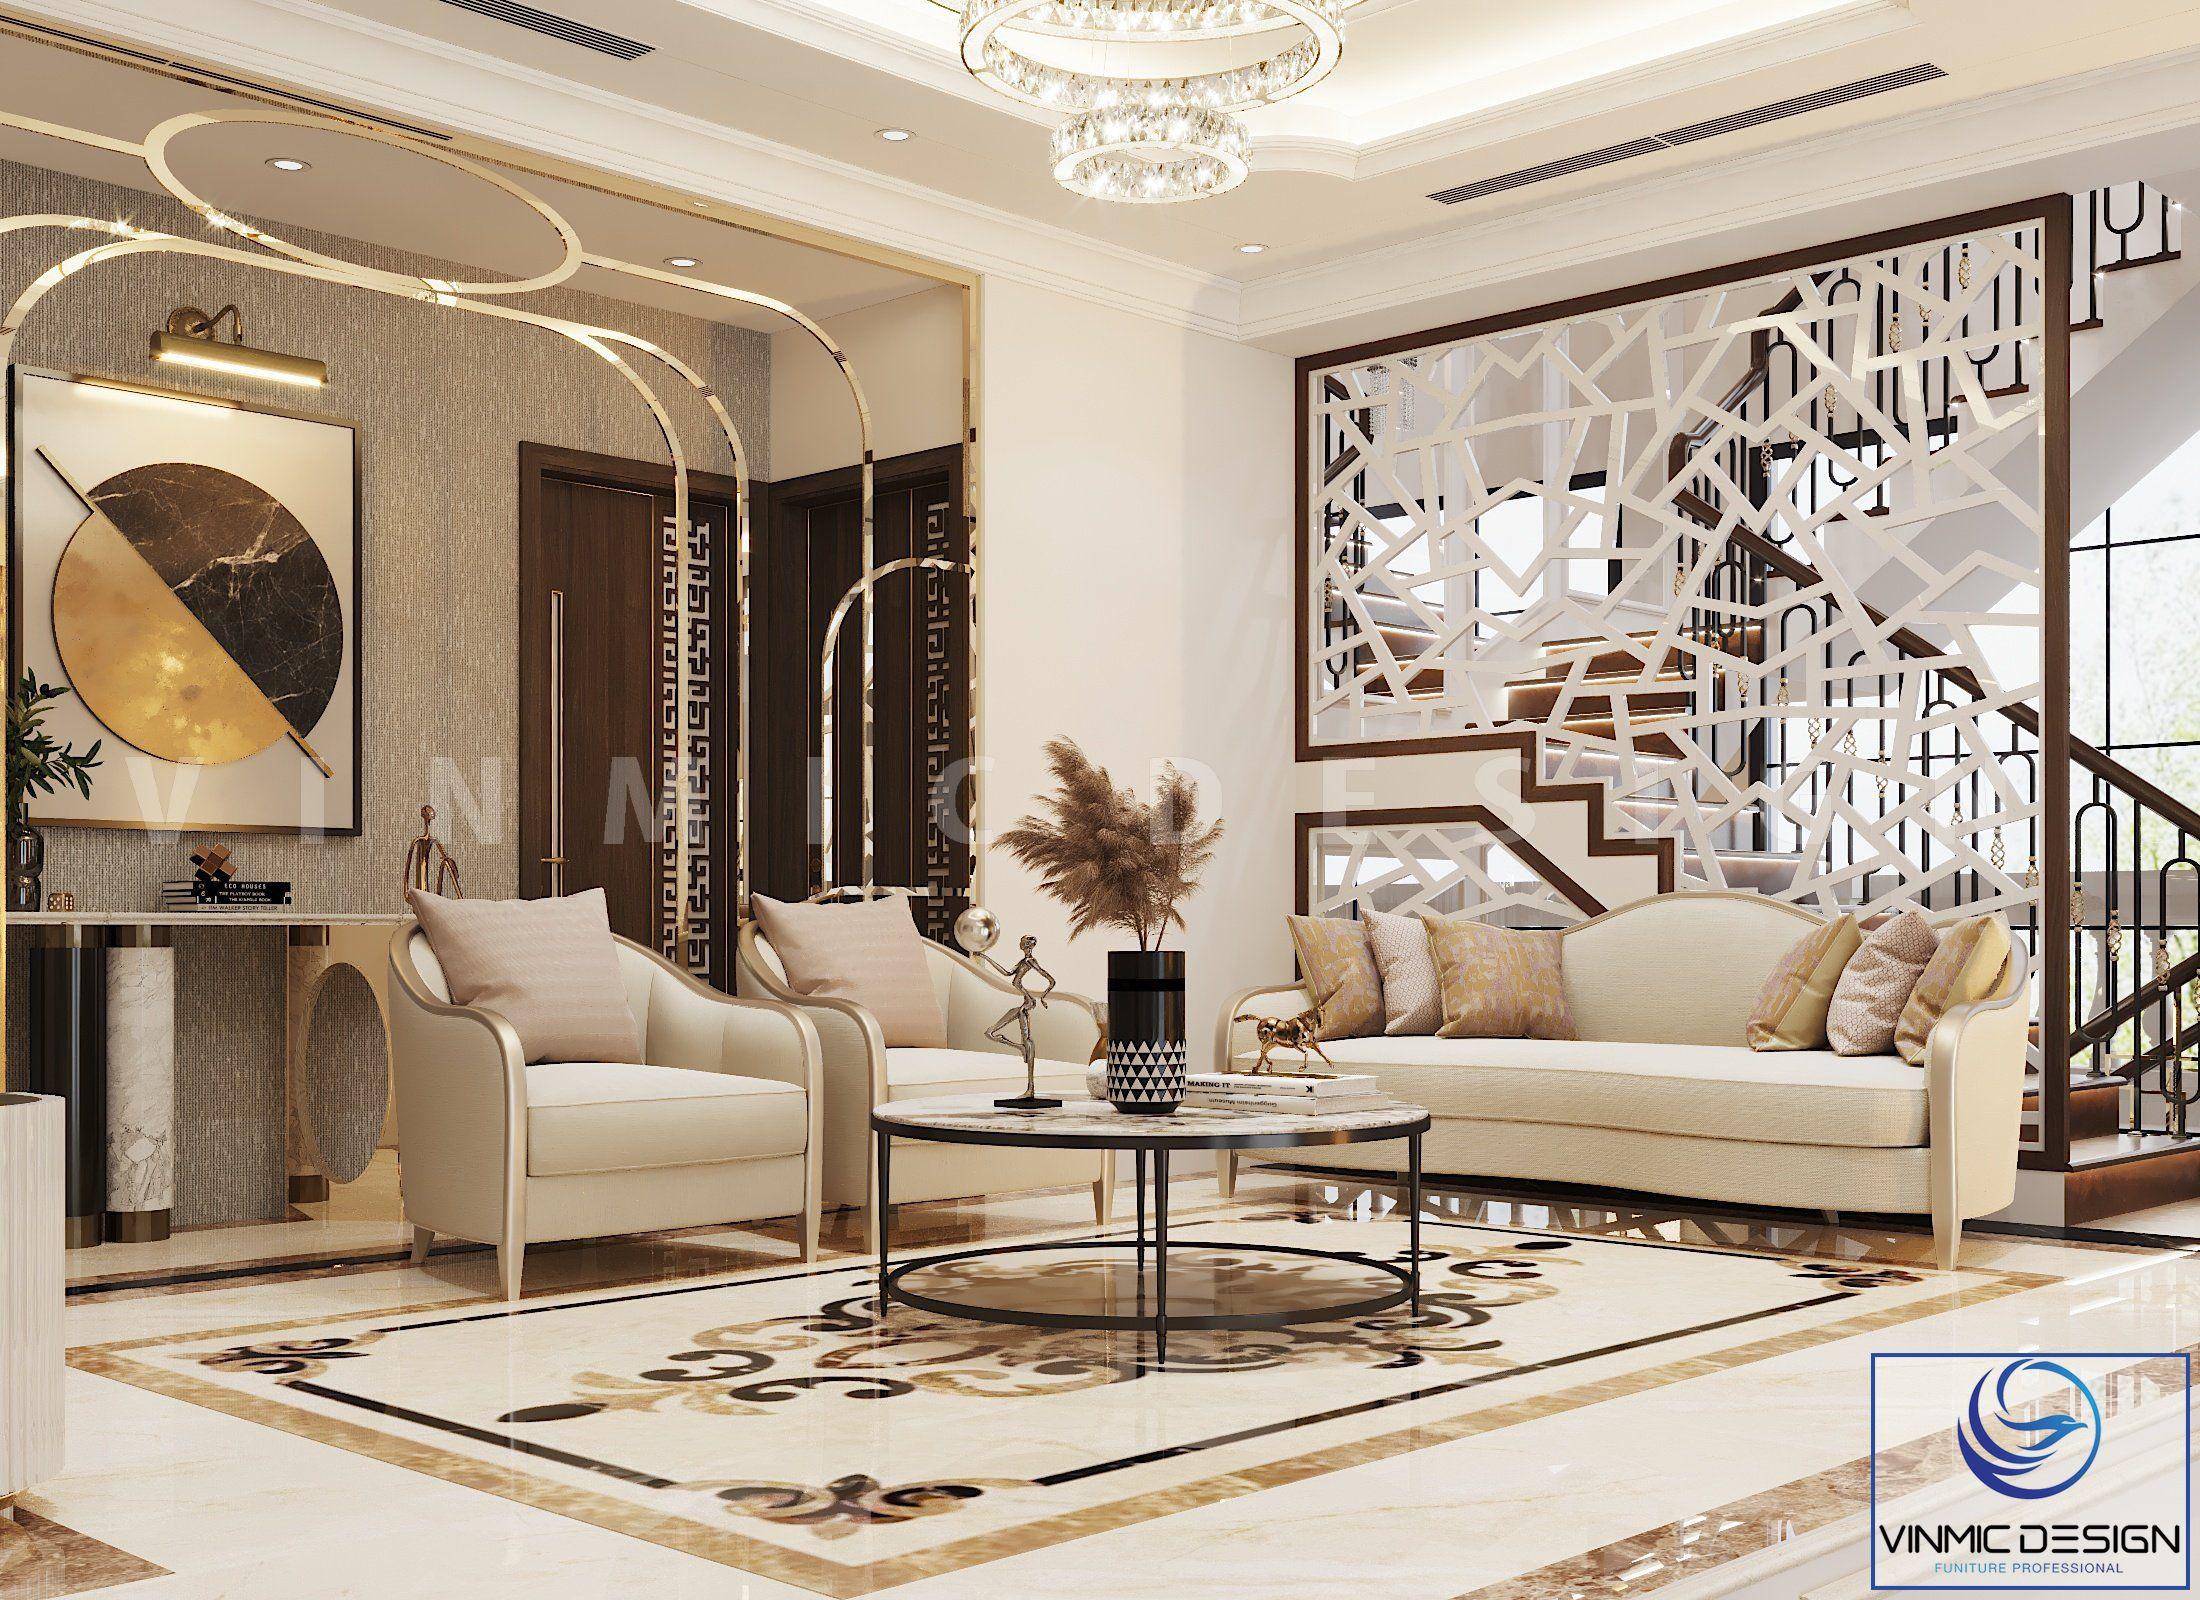 Bộ bàn ghế sofa đẹp tại phòng chờ sảnh tầng 2 căn biệt thự Vinhomes Imperia Hải Phòng